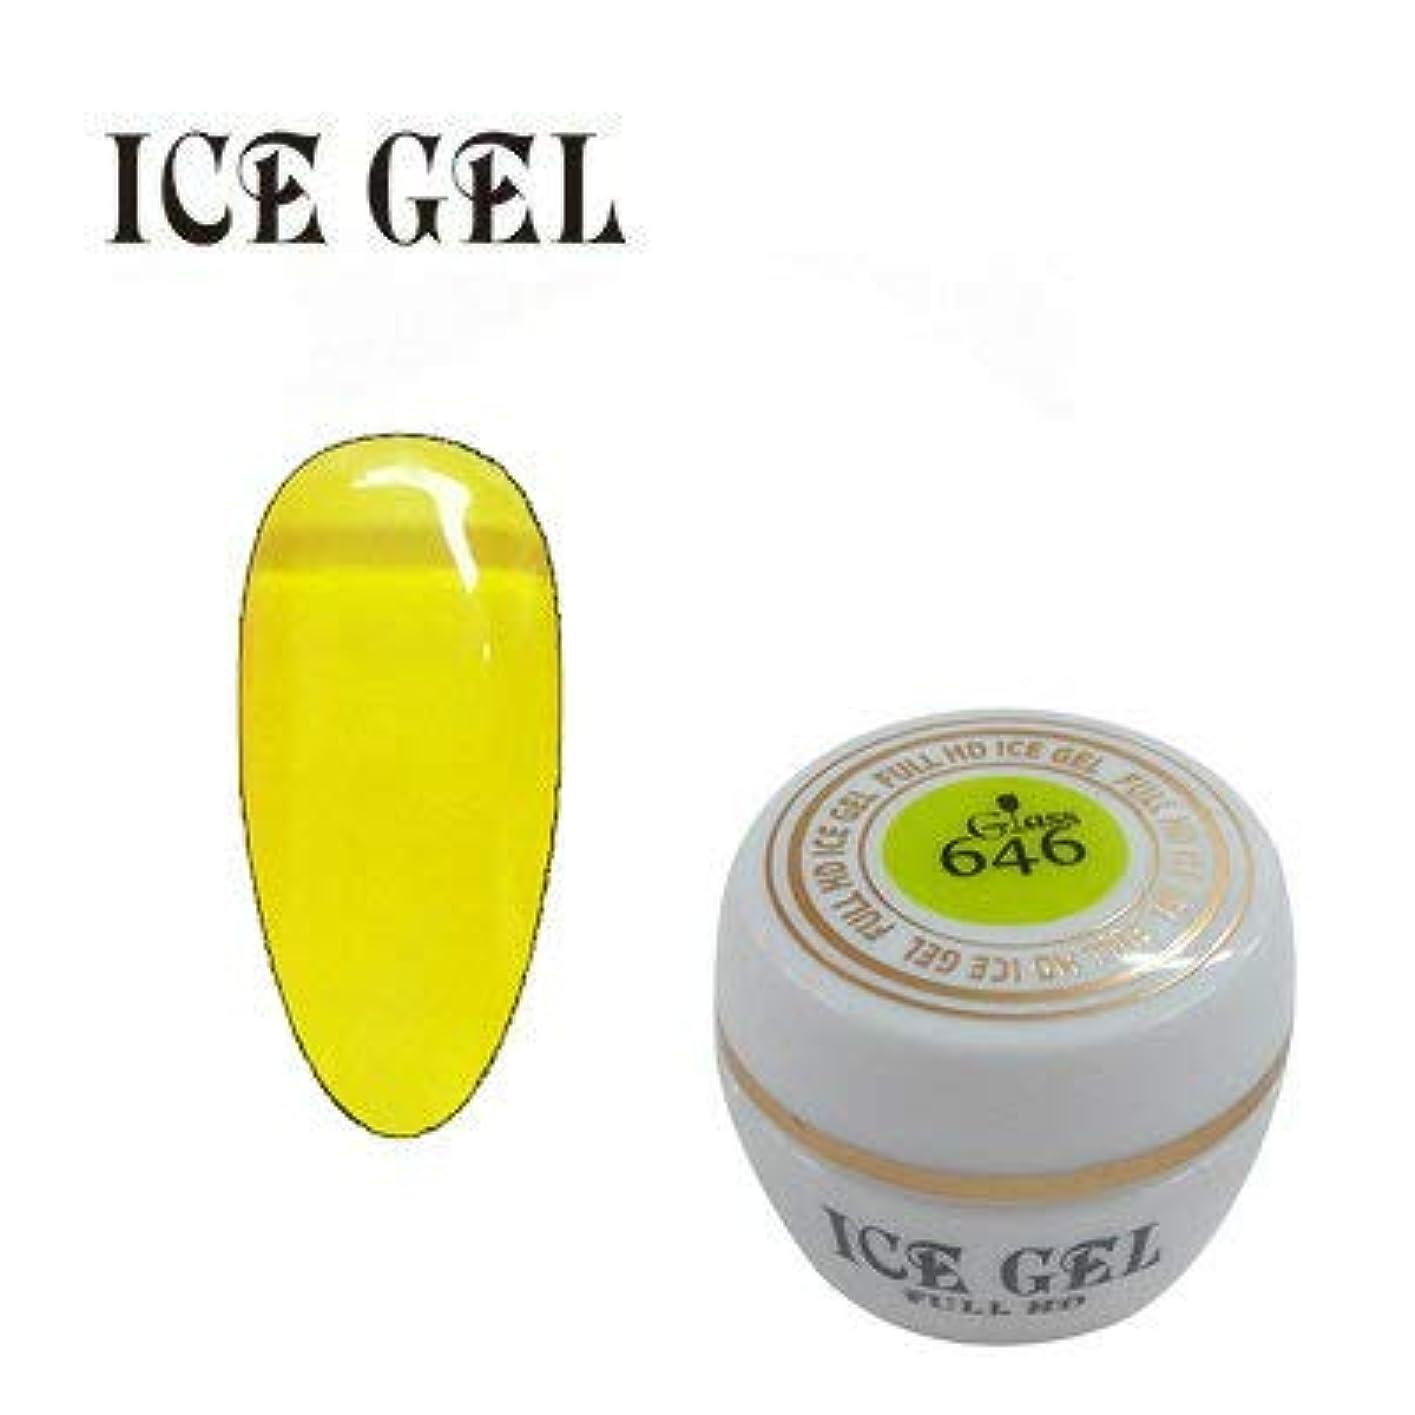 憧れ忘れっぽい旅客アイスジェル カラージェル ガラスジェル GG-646 3g